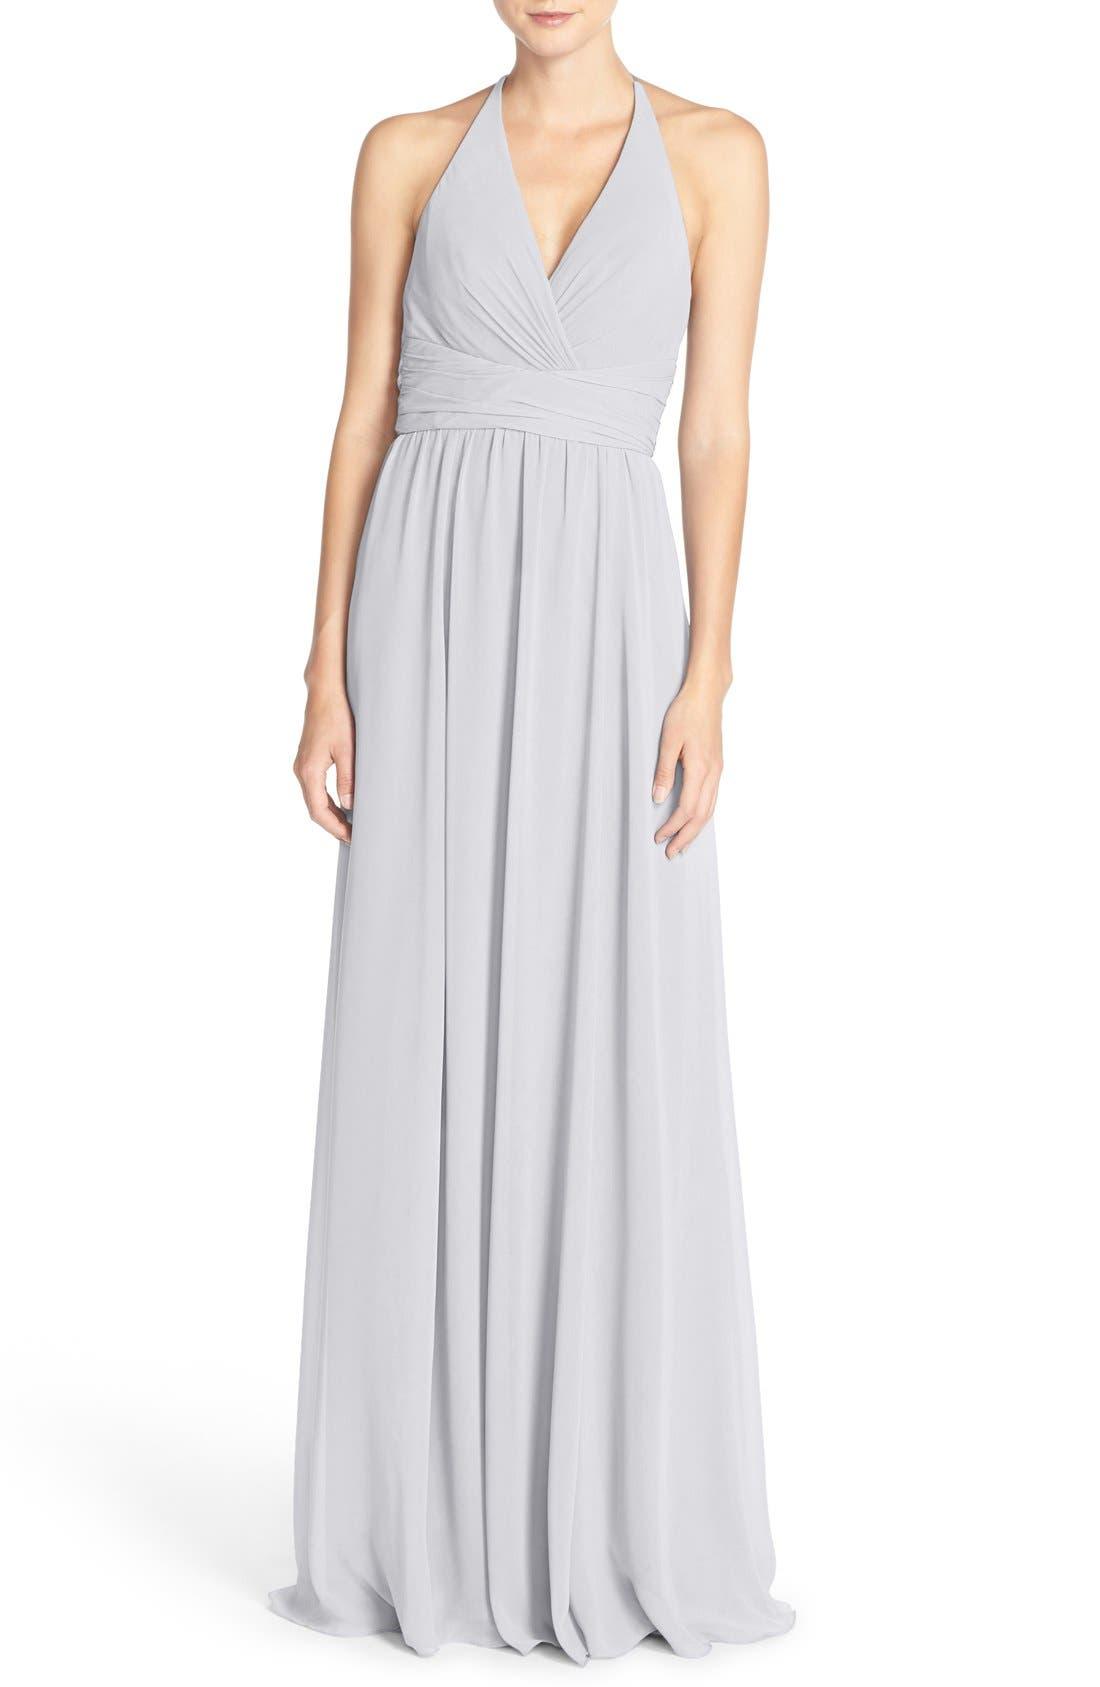 Alternate Image 1 Selected - Amsale 'Jennifer' V-Neck Chiffon Halter Gown